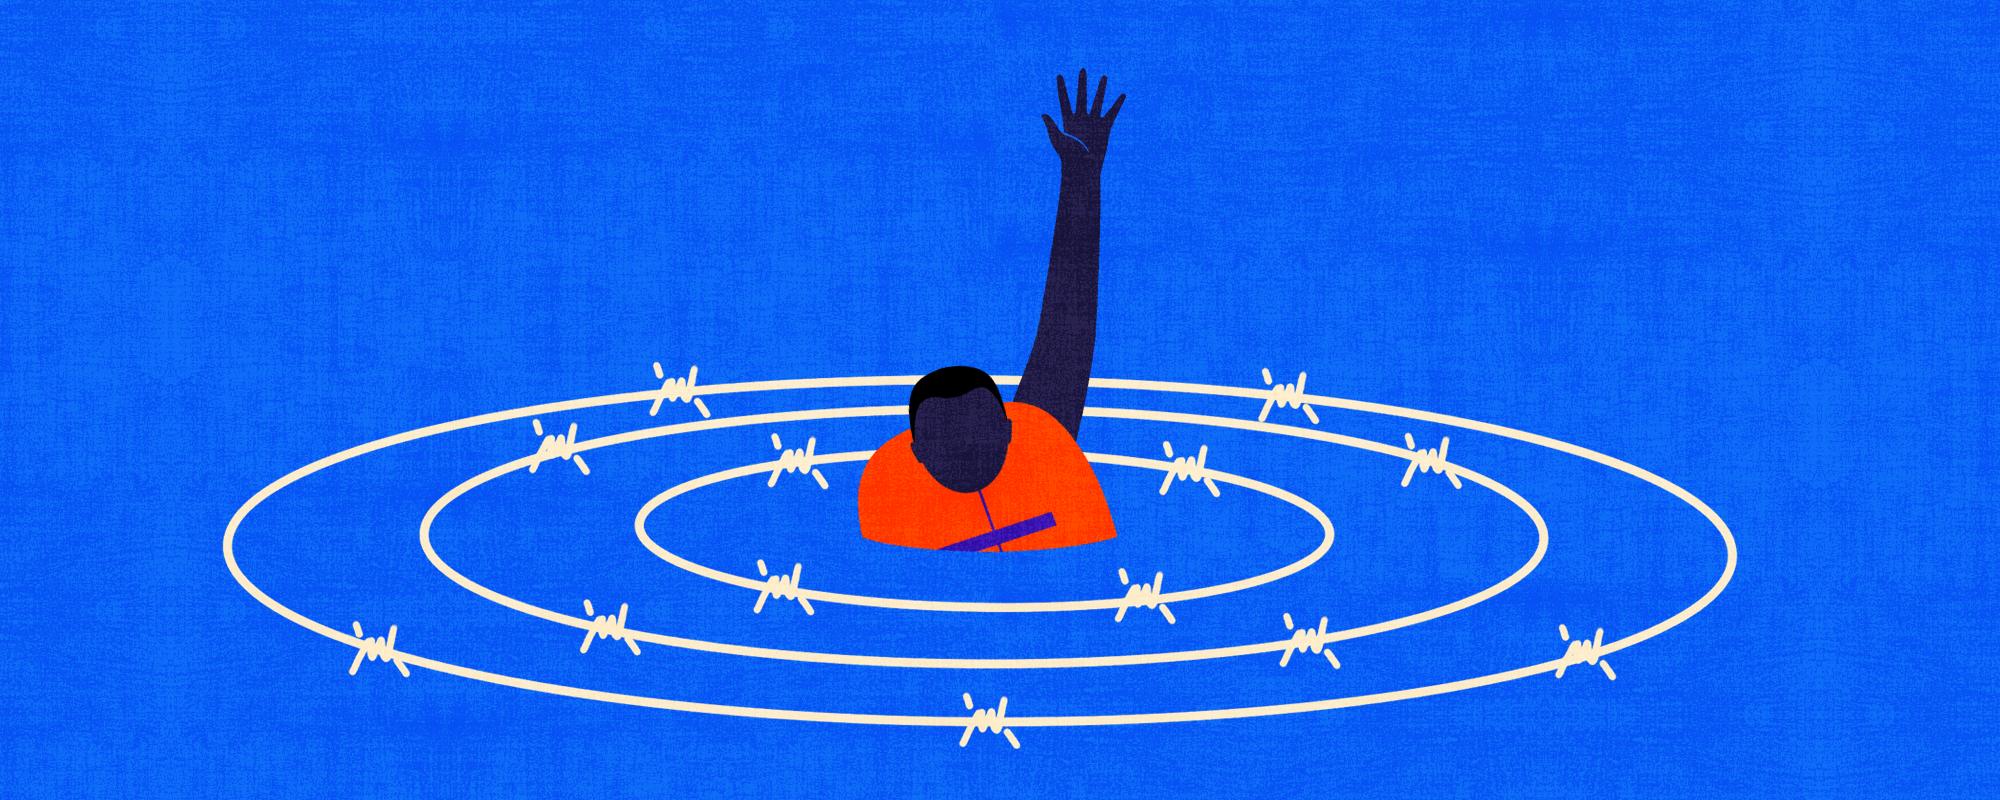 Dawn Chatty - La marea ha canviat? Refugi i recer a l'espai euromediterrani